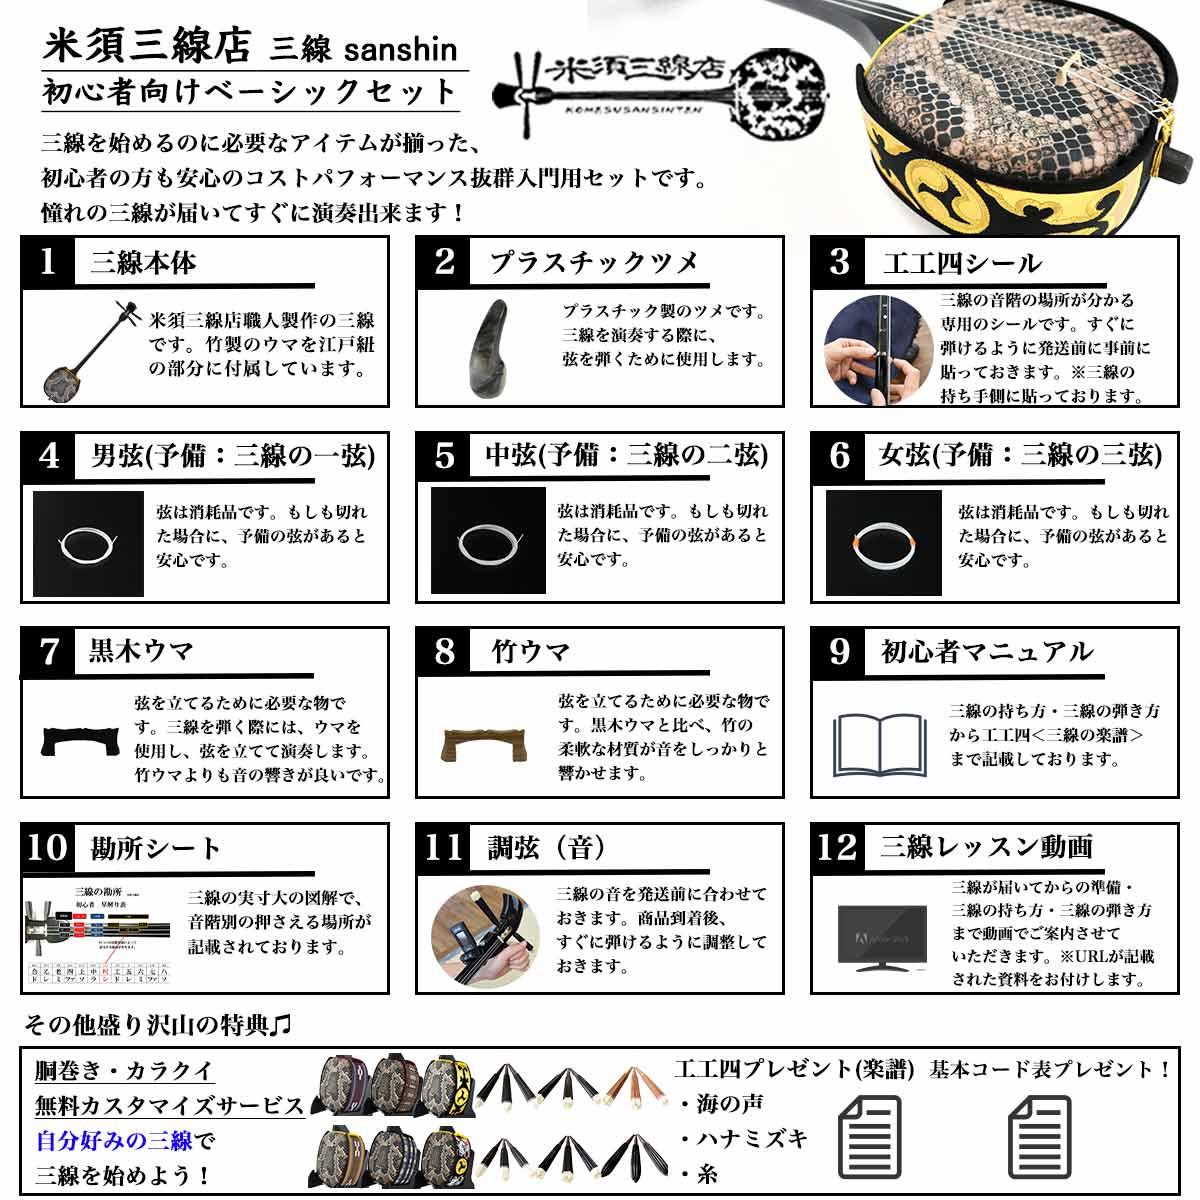 米須三線店『三線人工皮三線知念大工型黒塗り』